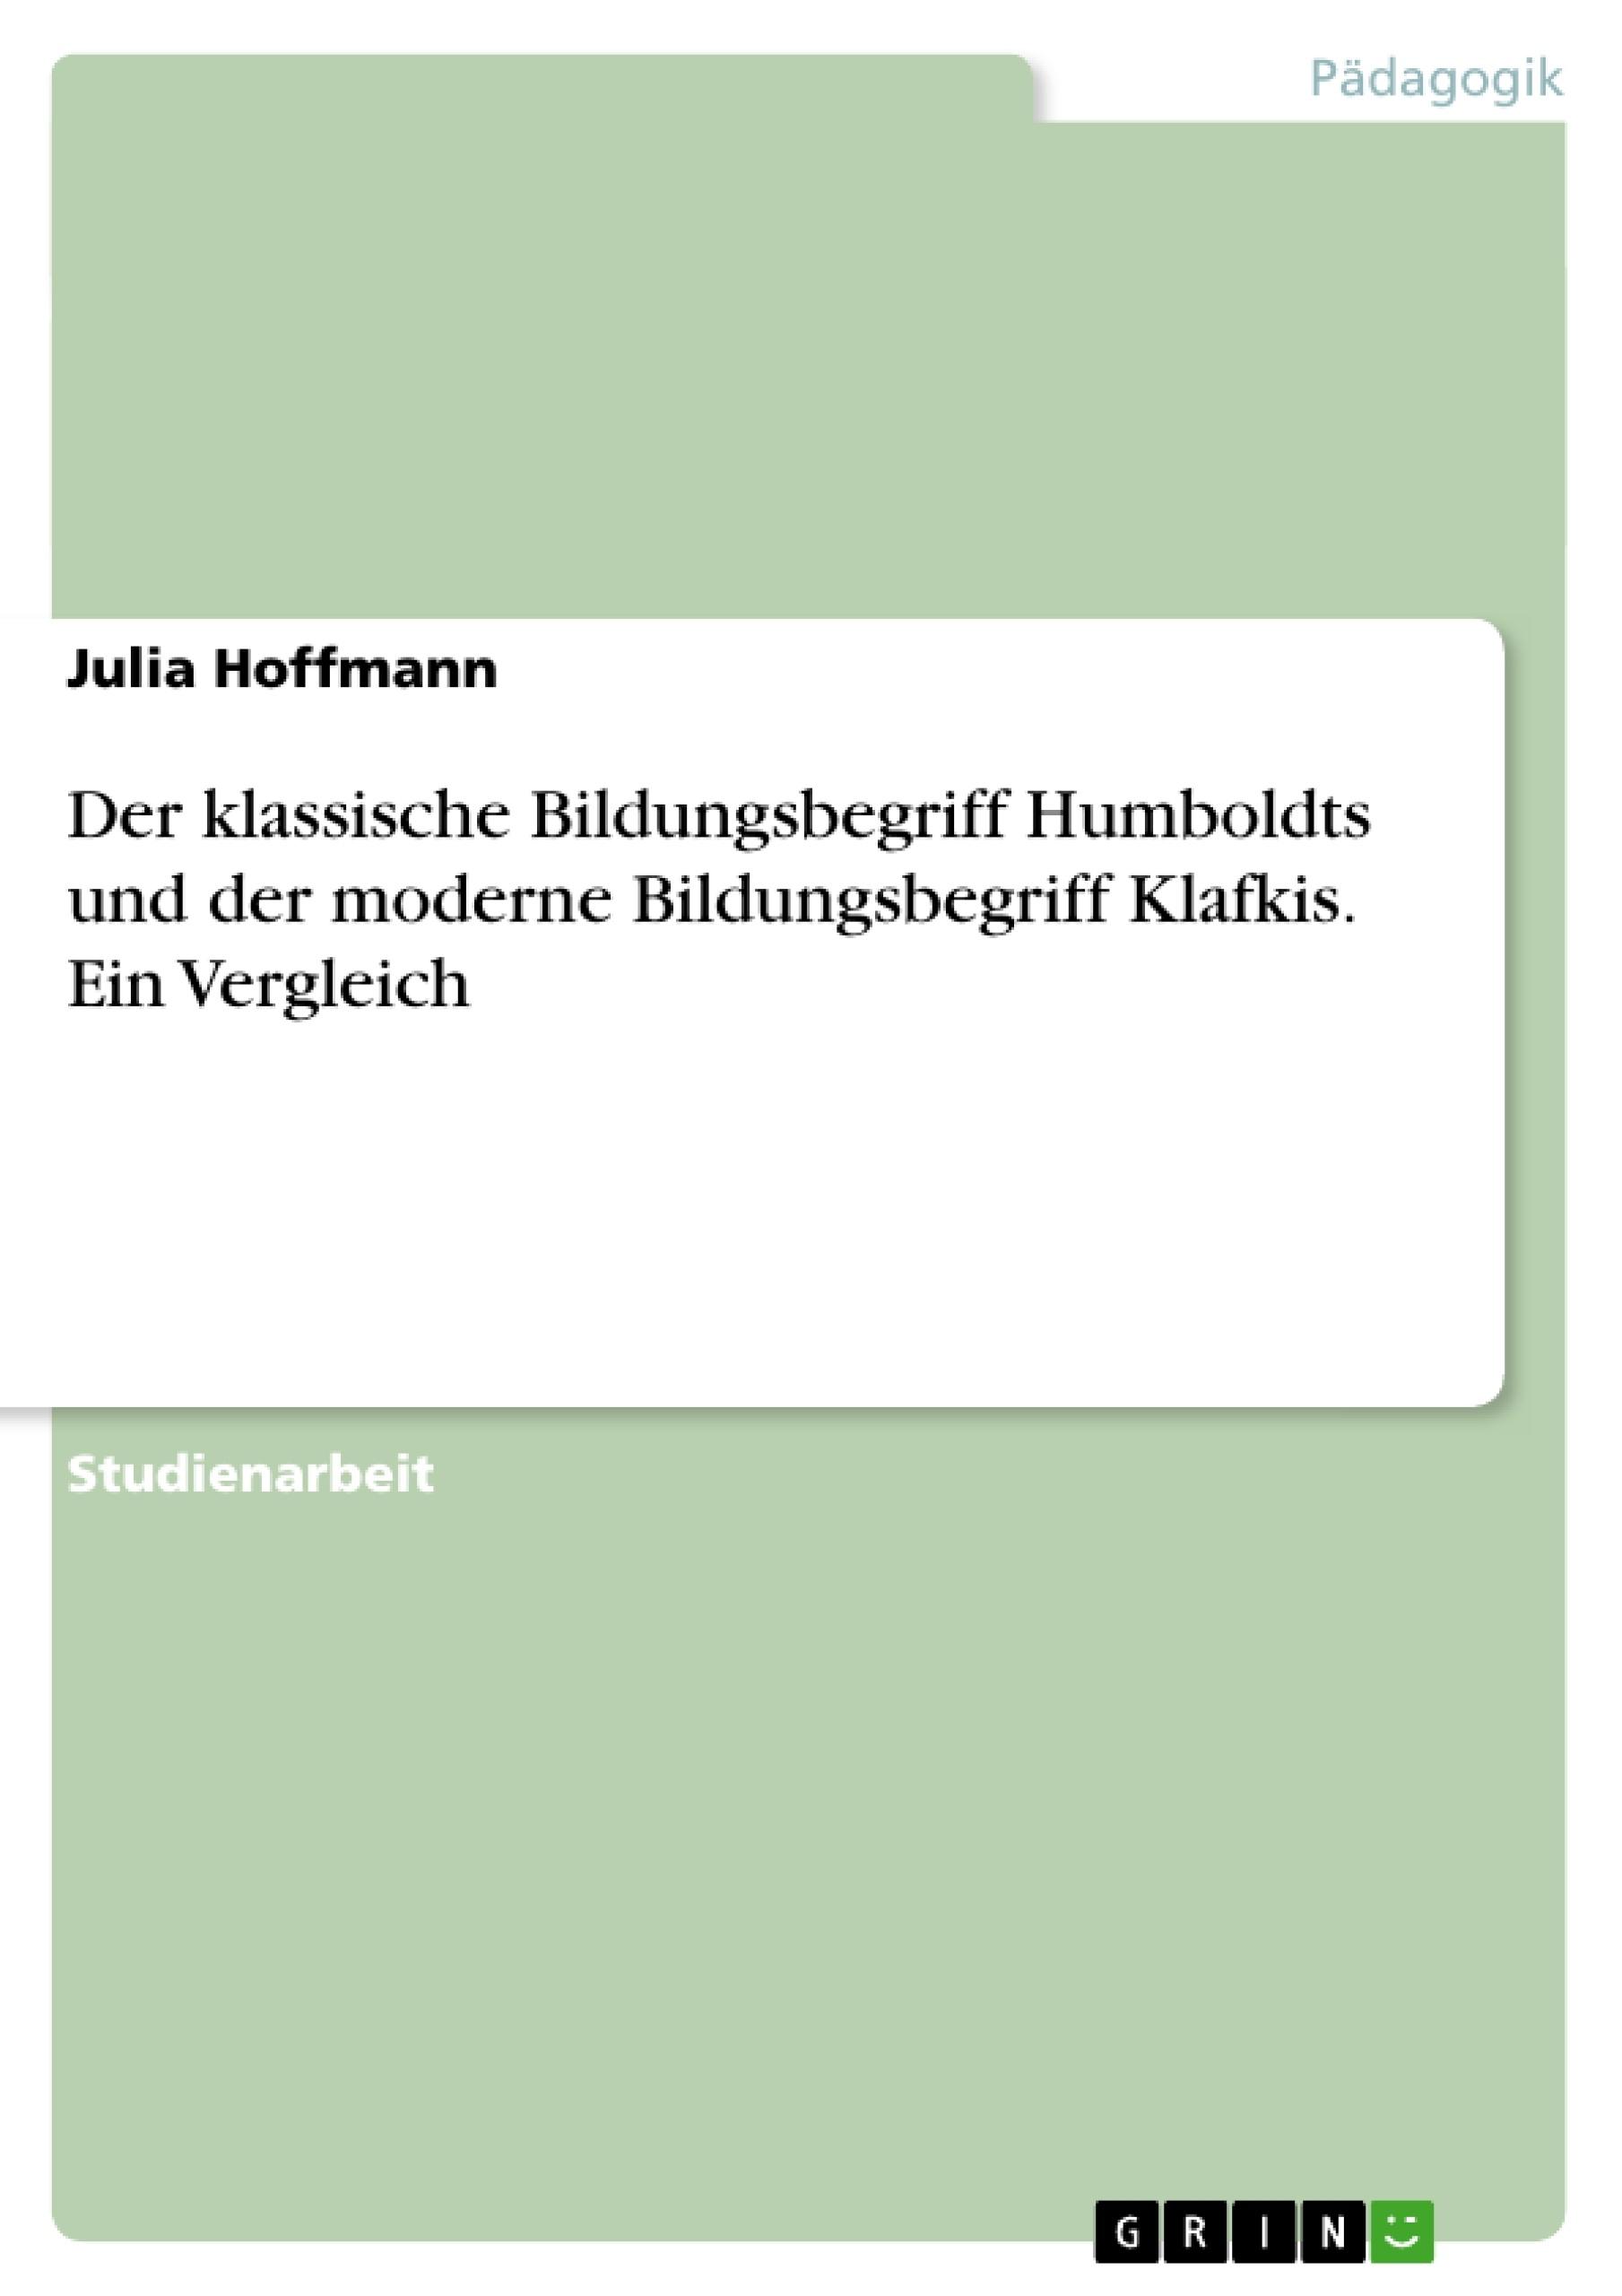 Titel: Der klassische Bildungsbegriff Humboldts und der moderne Bildungsbegriff Klafkis. Ein Vergleich